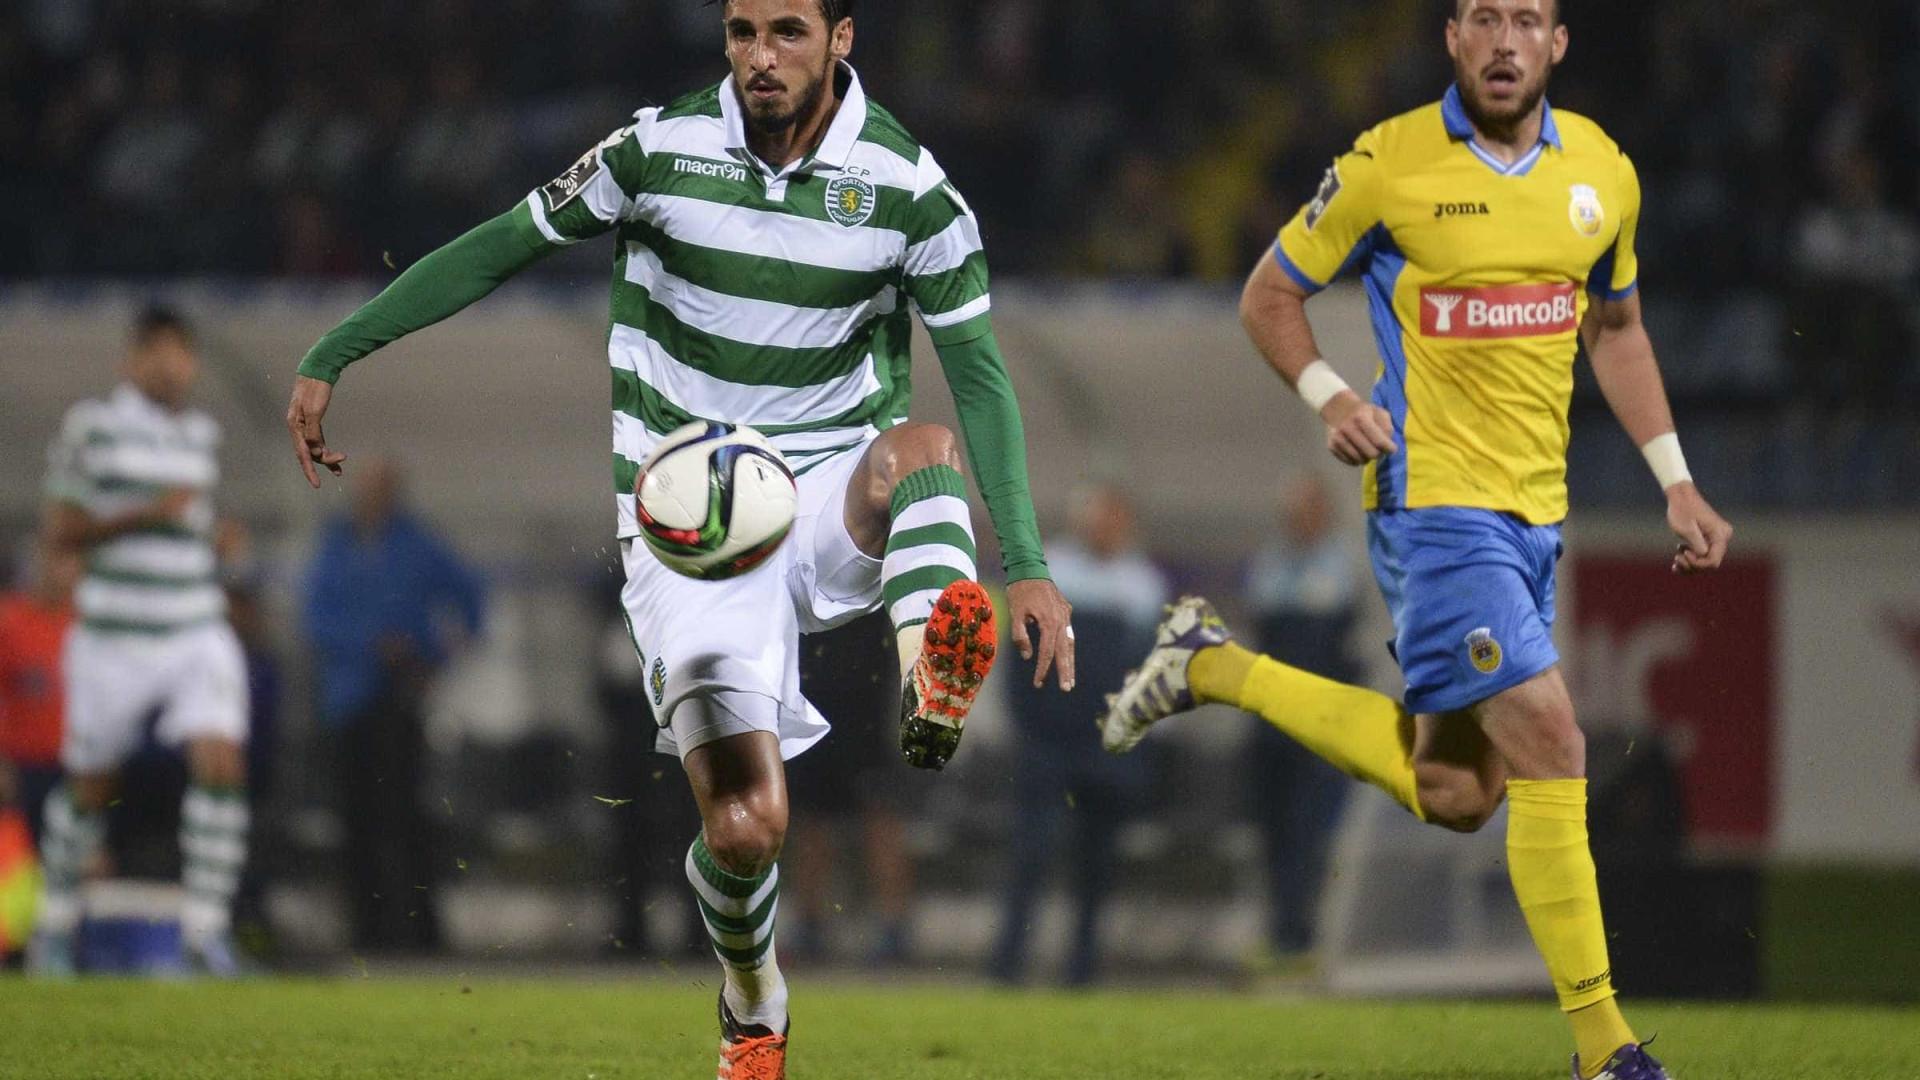 El jugador de la selección brasileña de fútbol